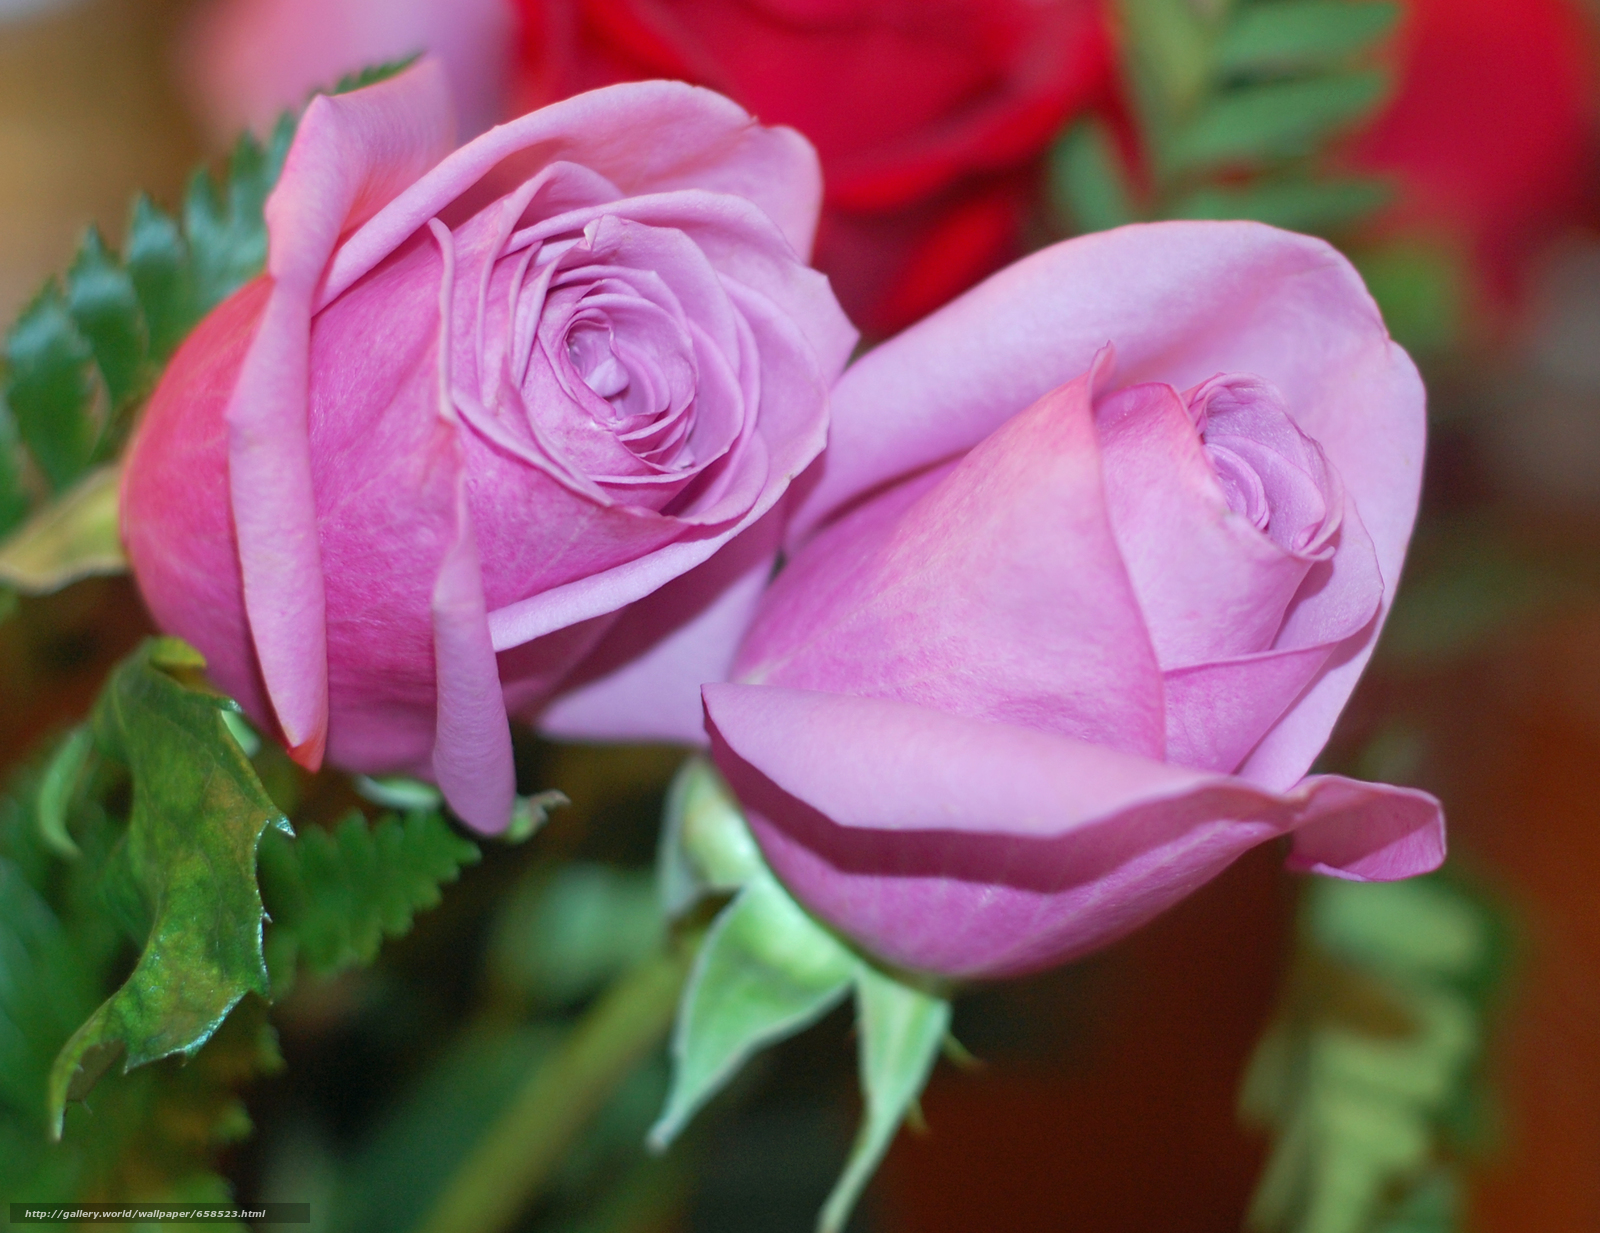 壁紙をダウンロード 花,  フラワーズ,  フローラ,  ローズ デスクトップの解像度のための無料壁紙 2431x1874 — 絵 №658523